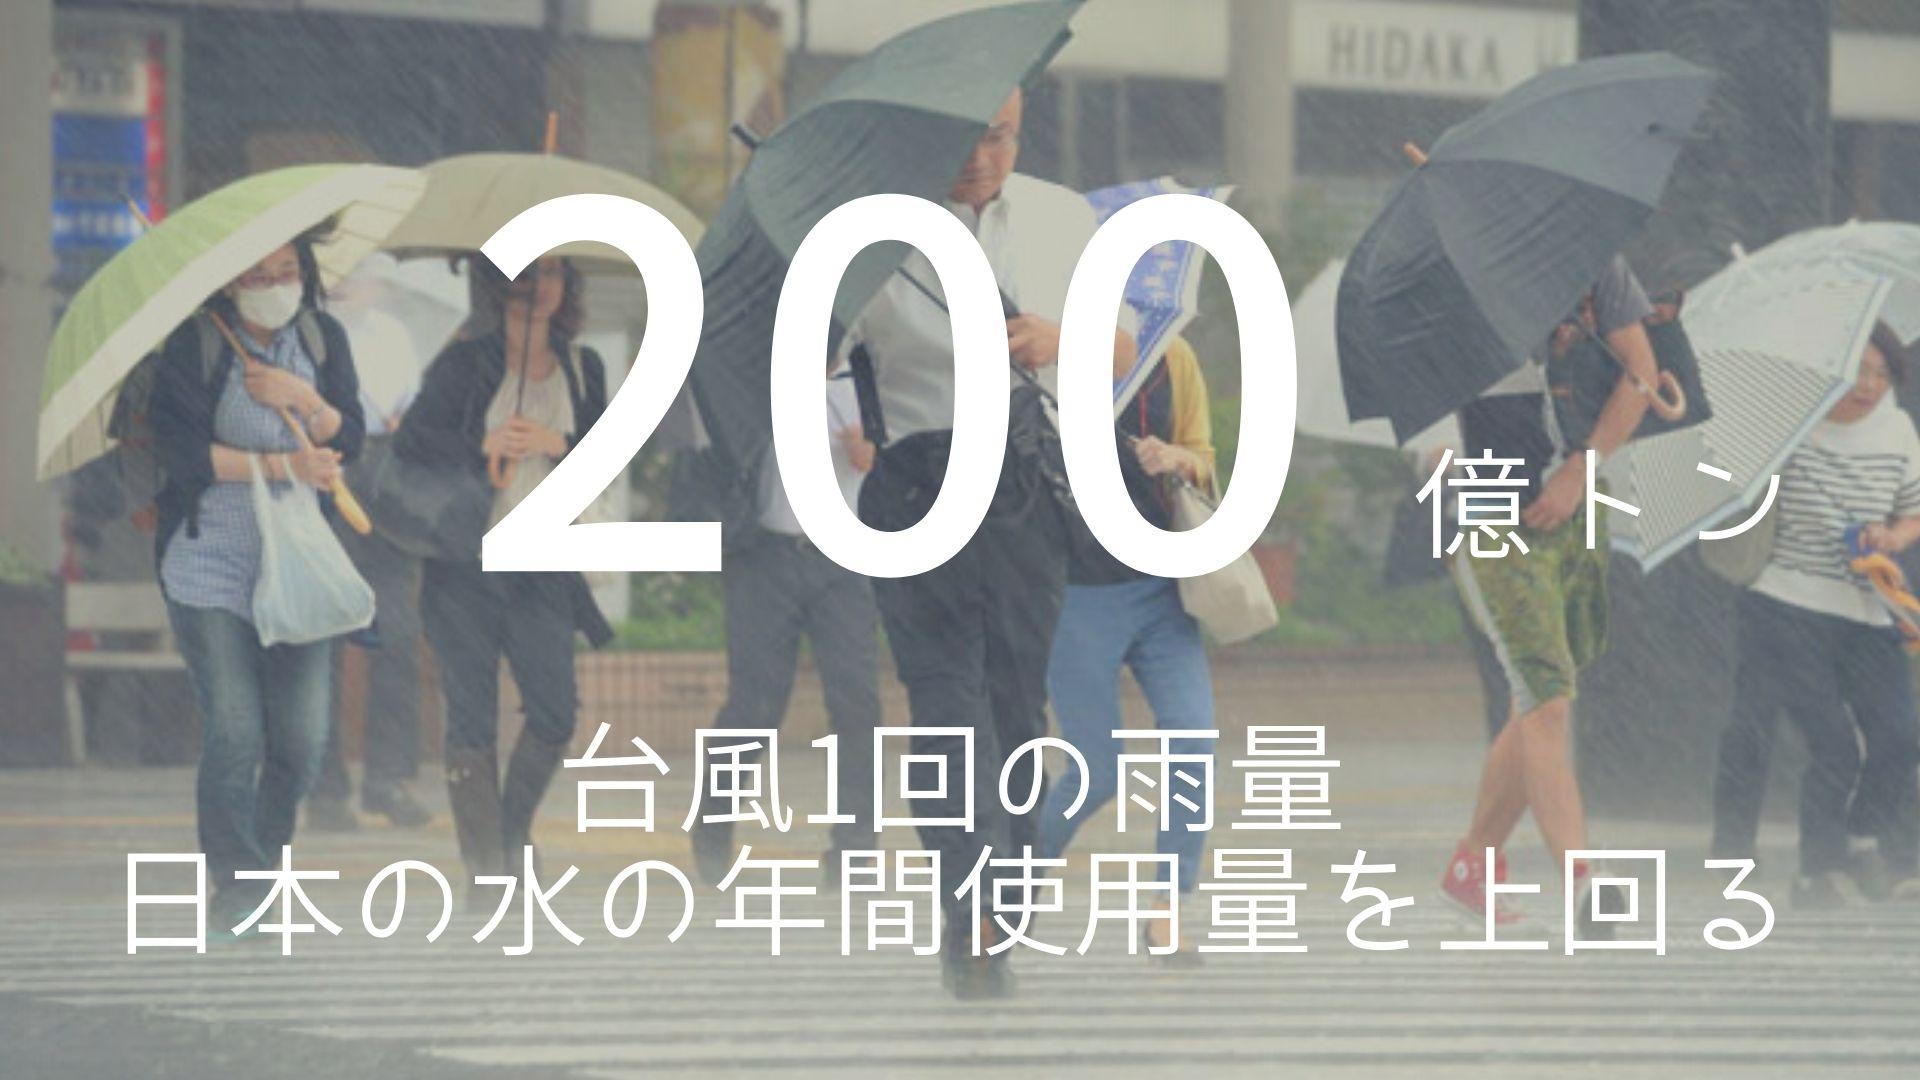 「200億トン」 >>> 台風1回の雨量。日本の水の年間使用量を上回る。